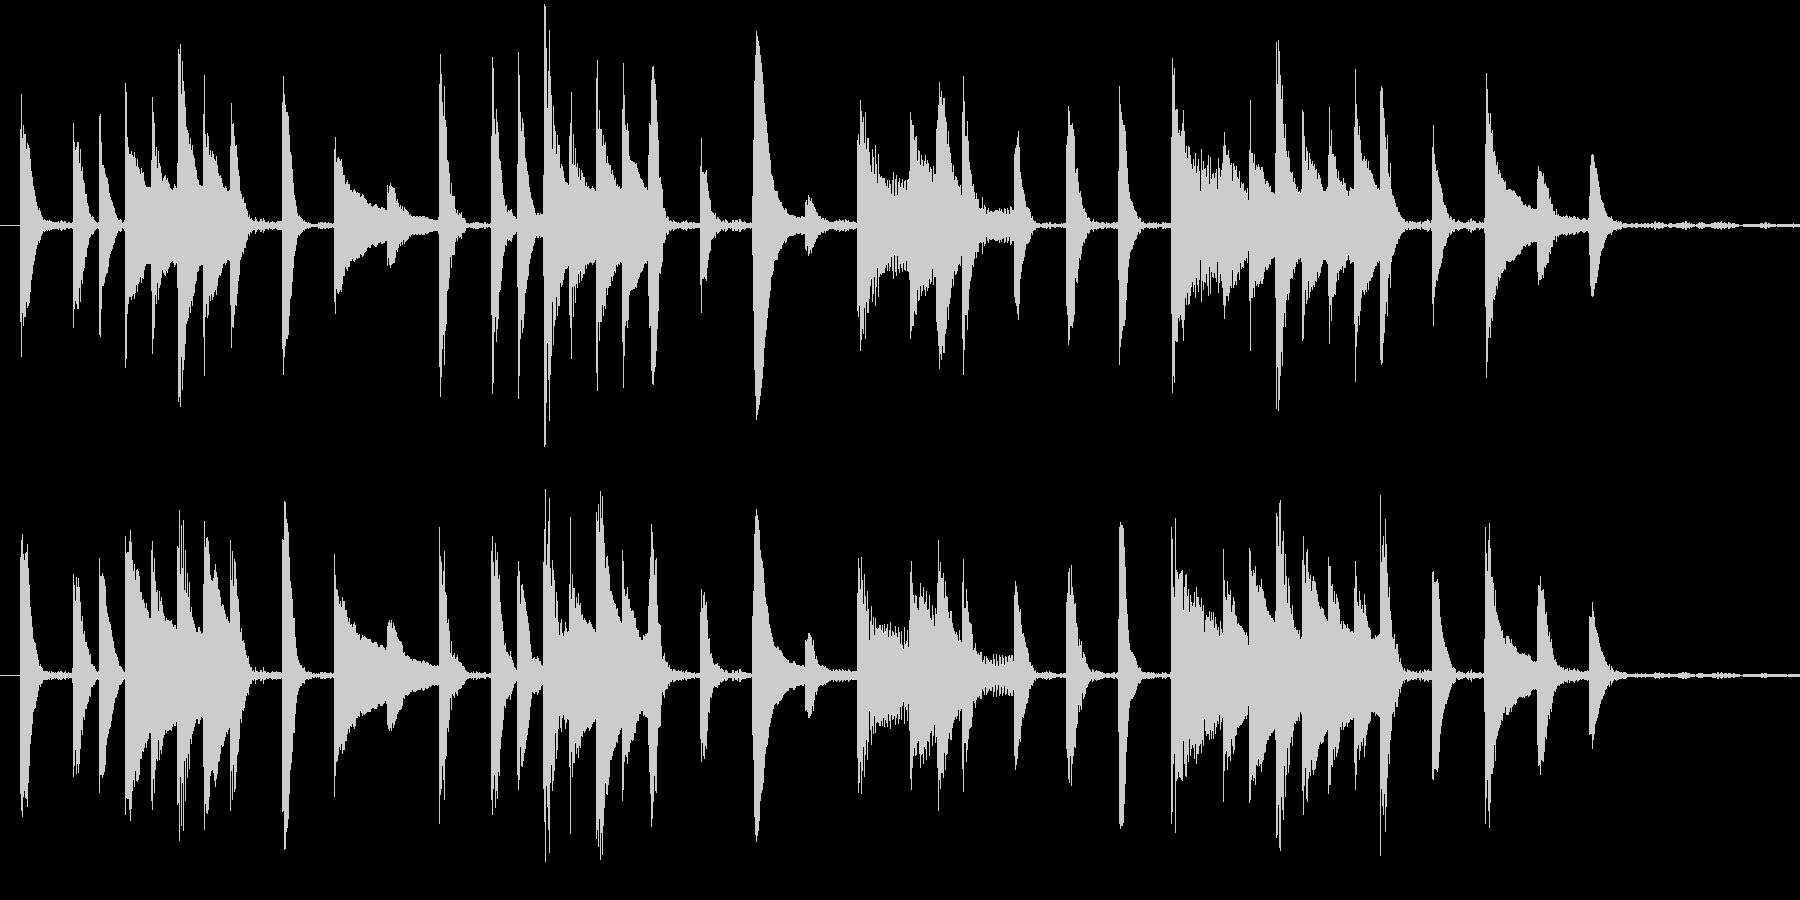 可愛らしいピアノのジングルの未再生の波形